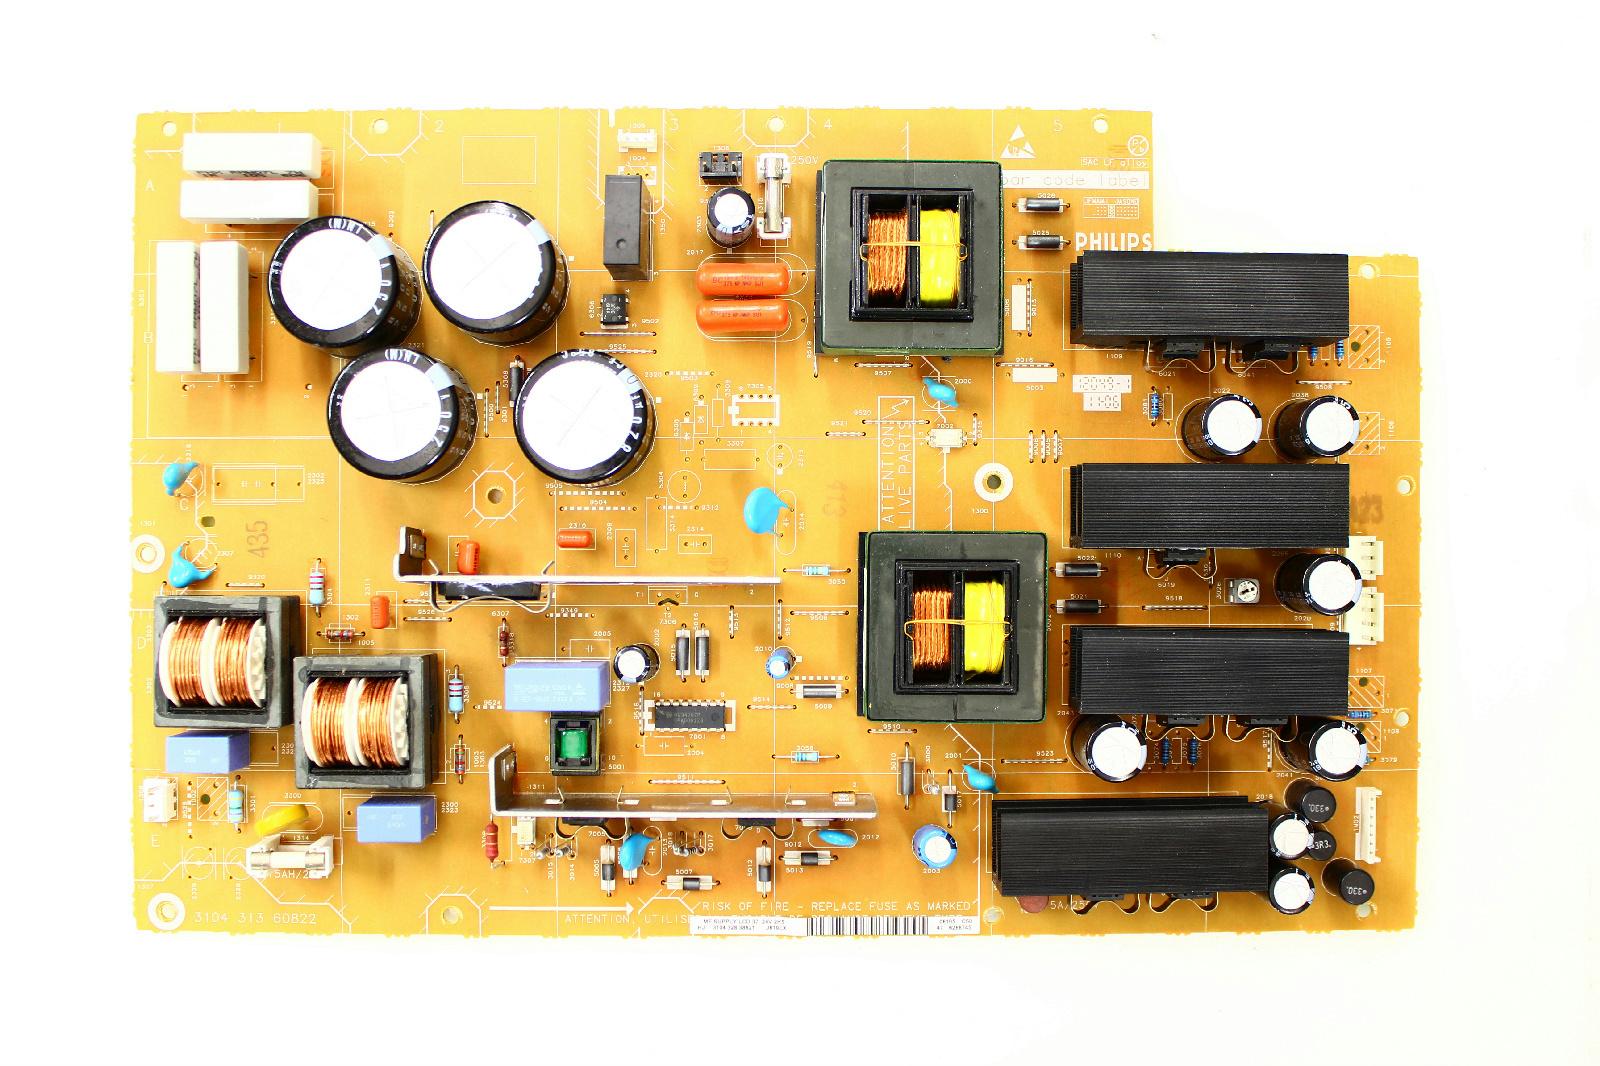 Philips 37HF7543/37 Power Supply 310432838621